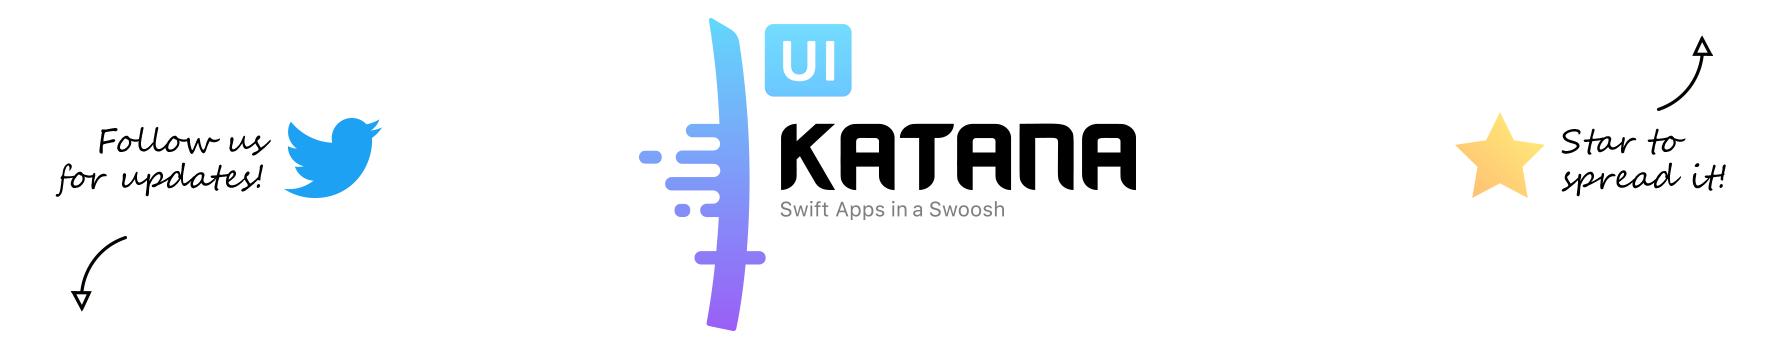 Katana UI